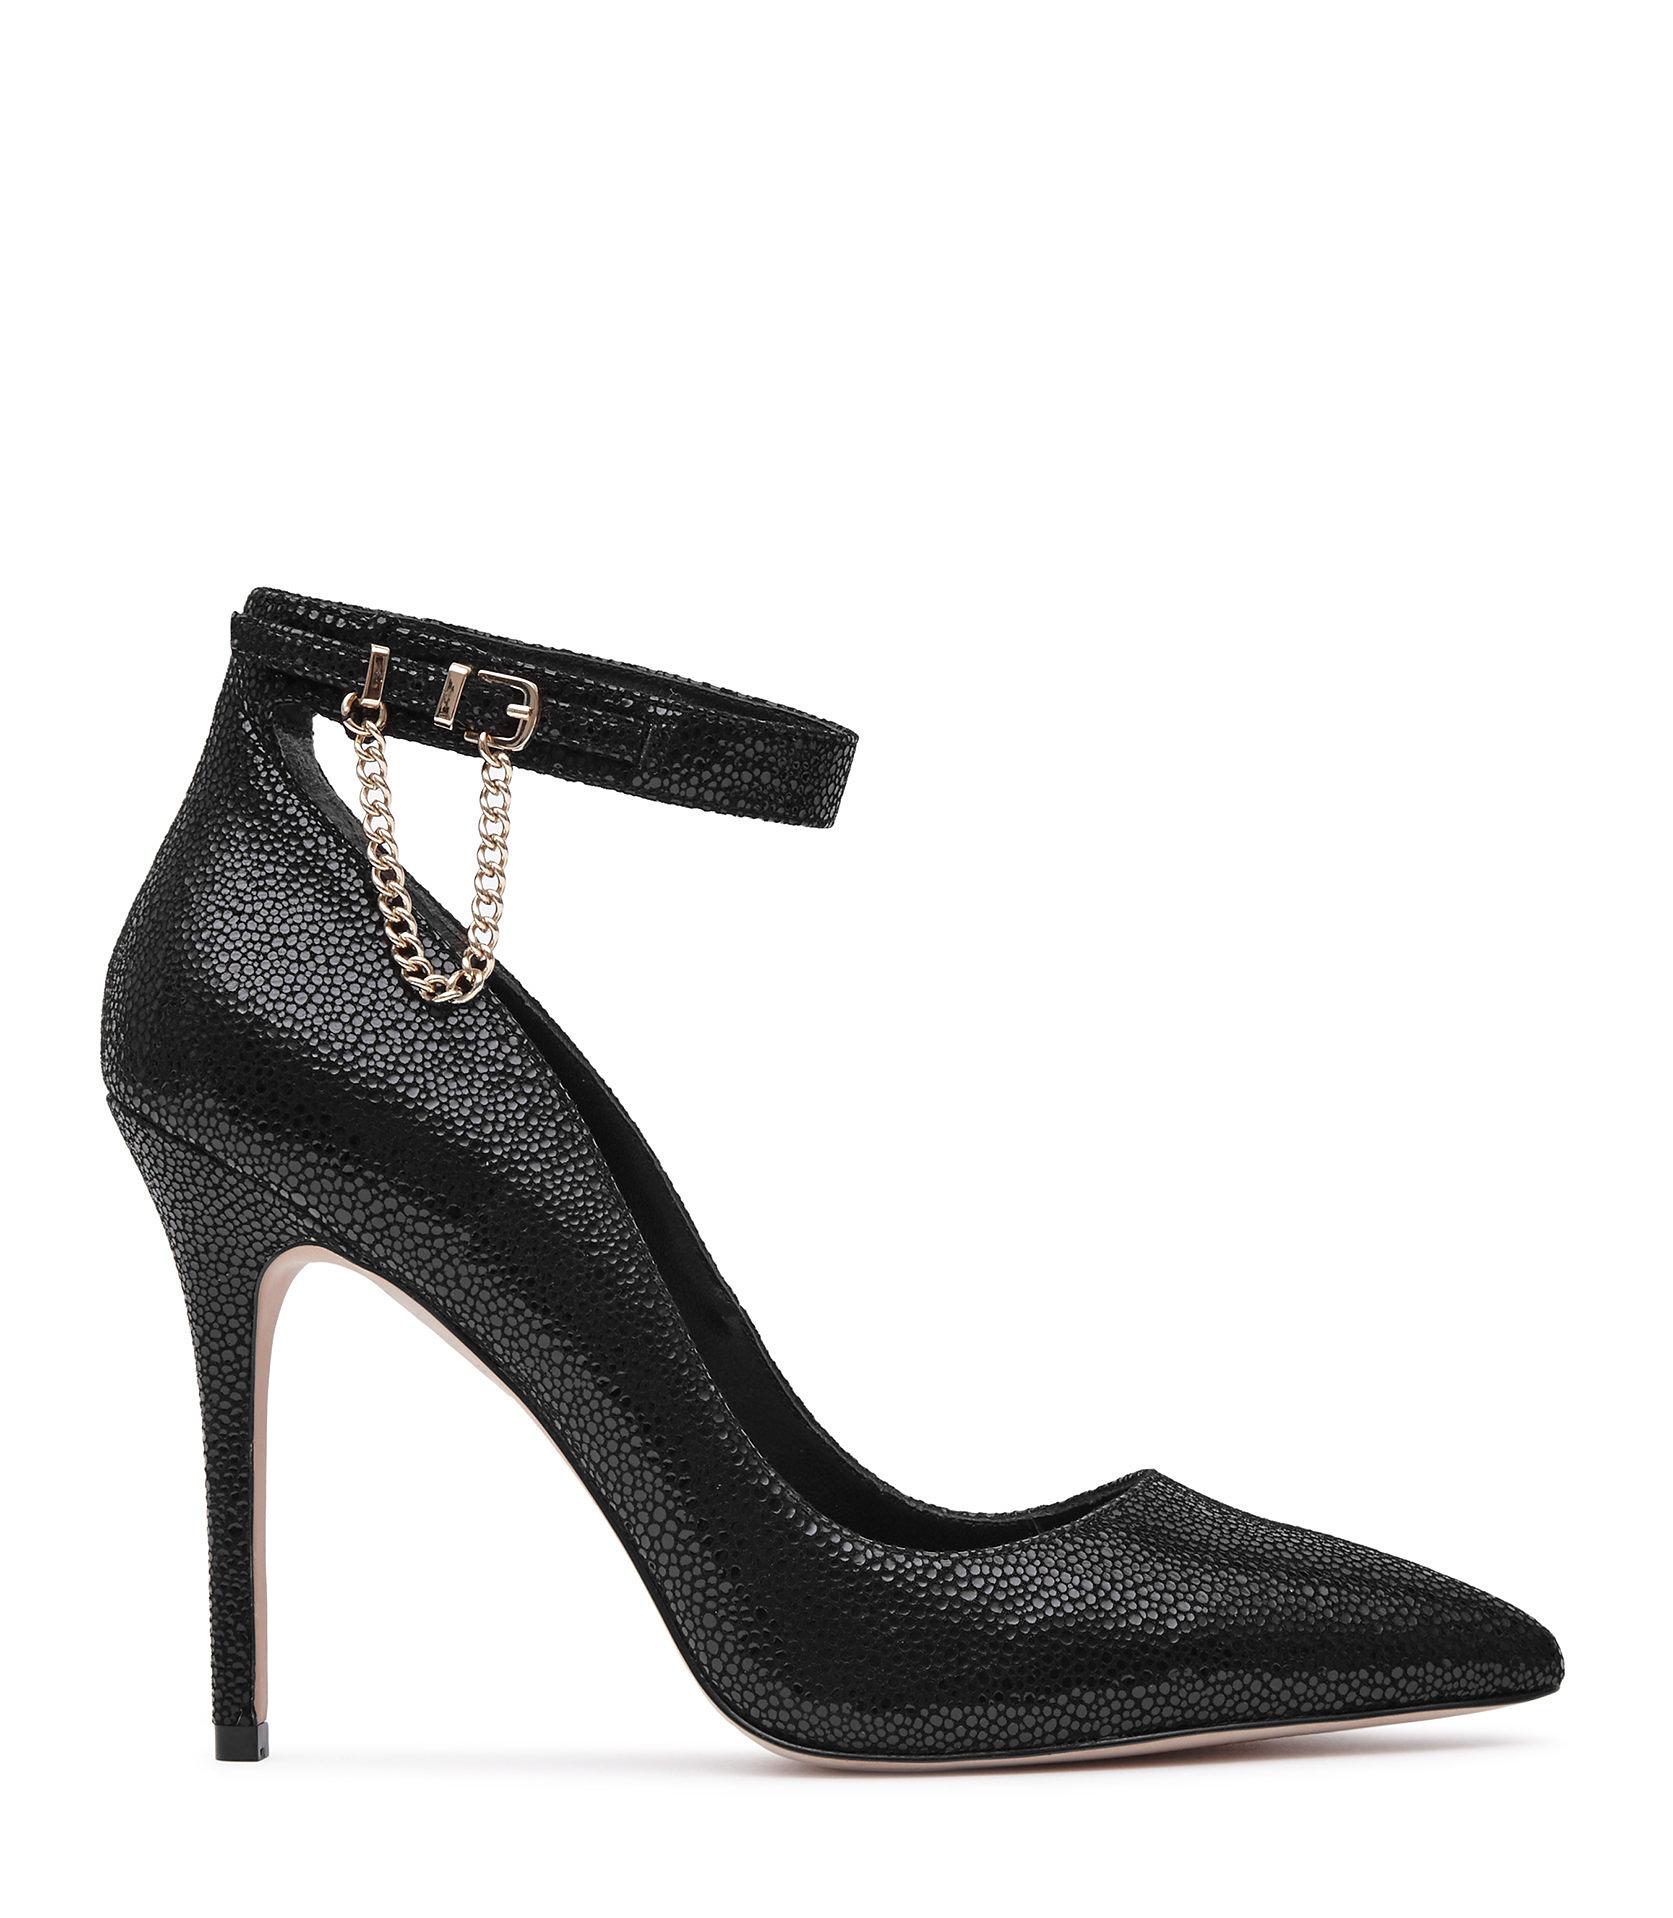 Newlyn high heel